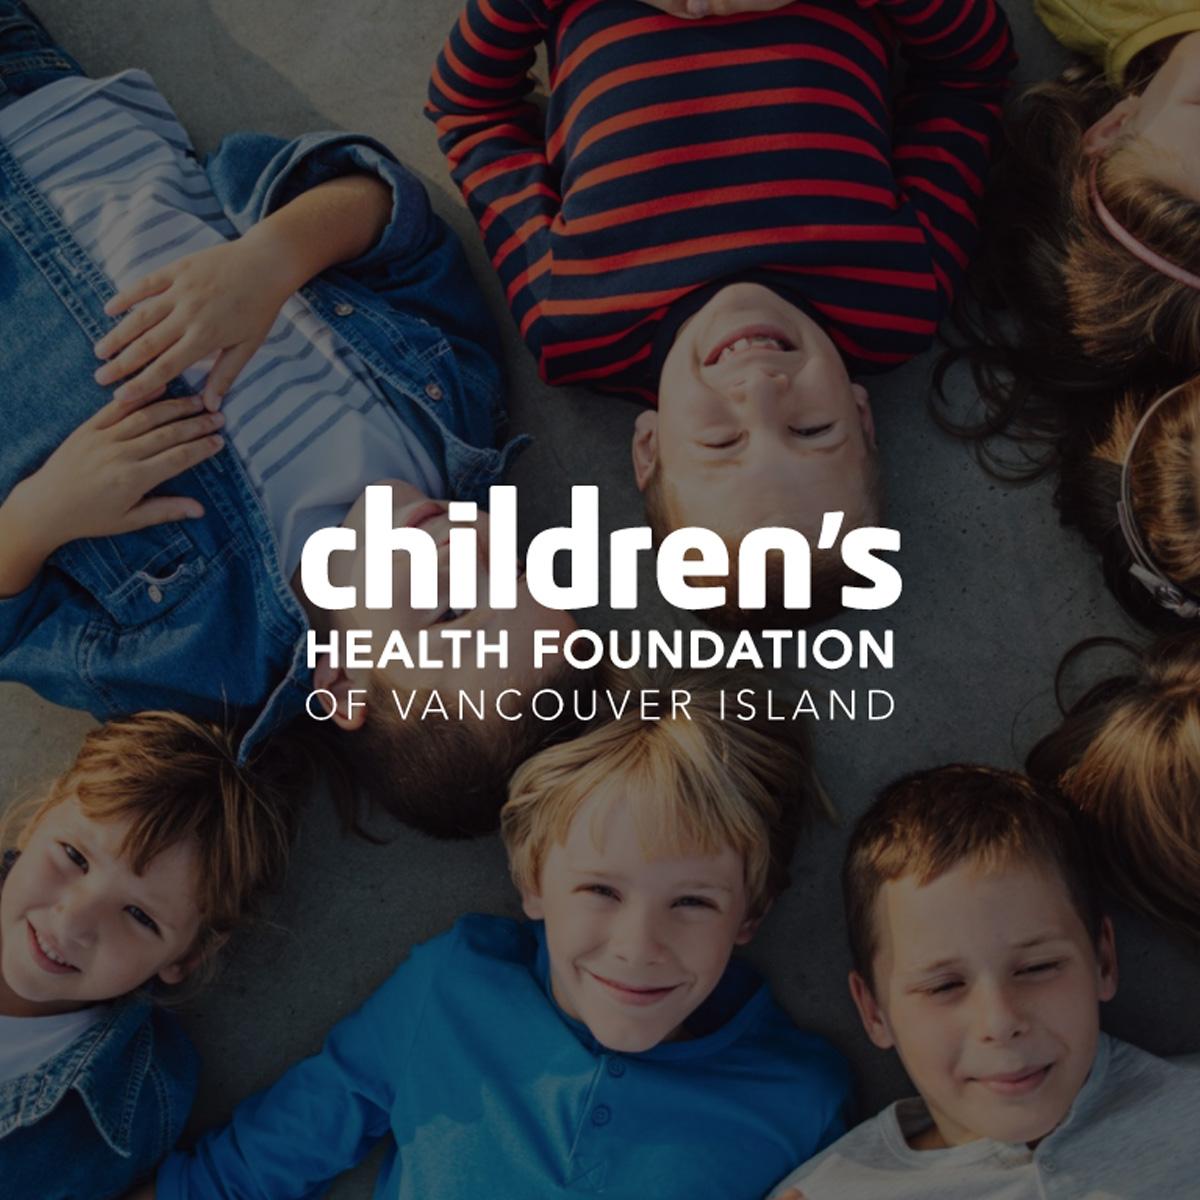 Children S Health: Children's Health Foundation